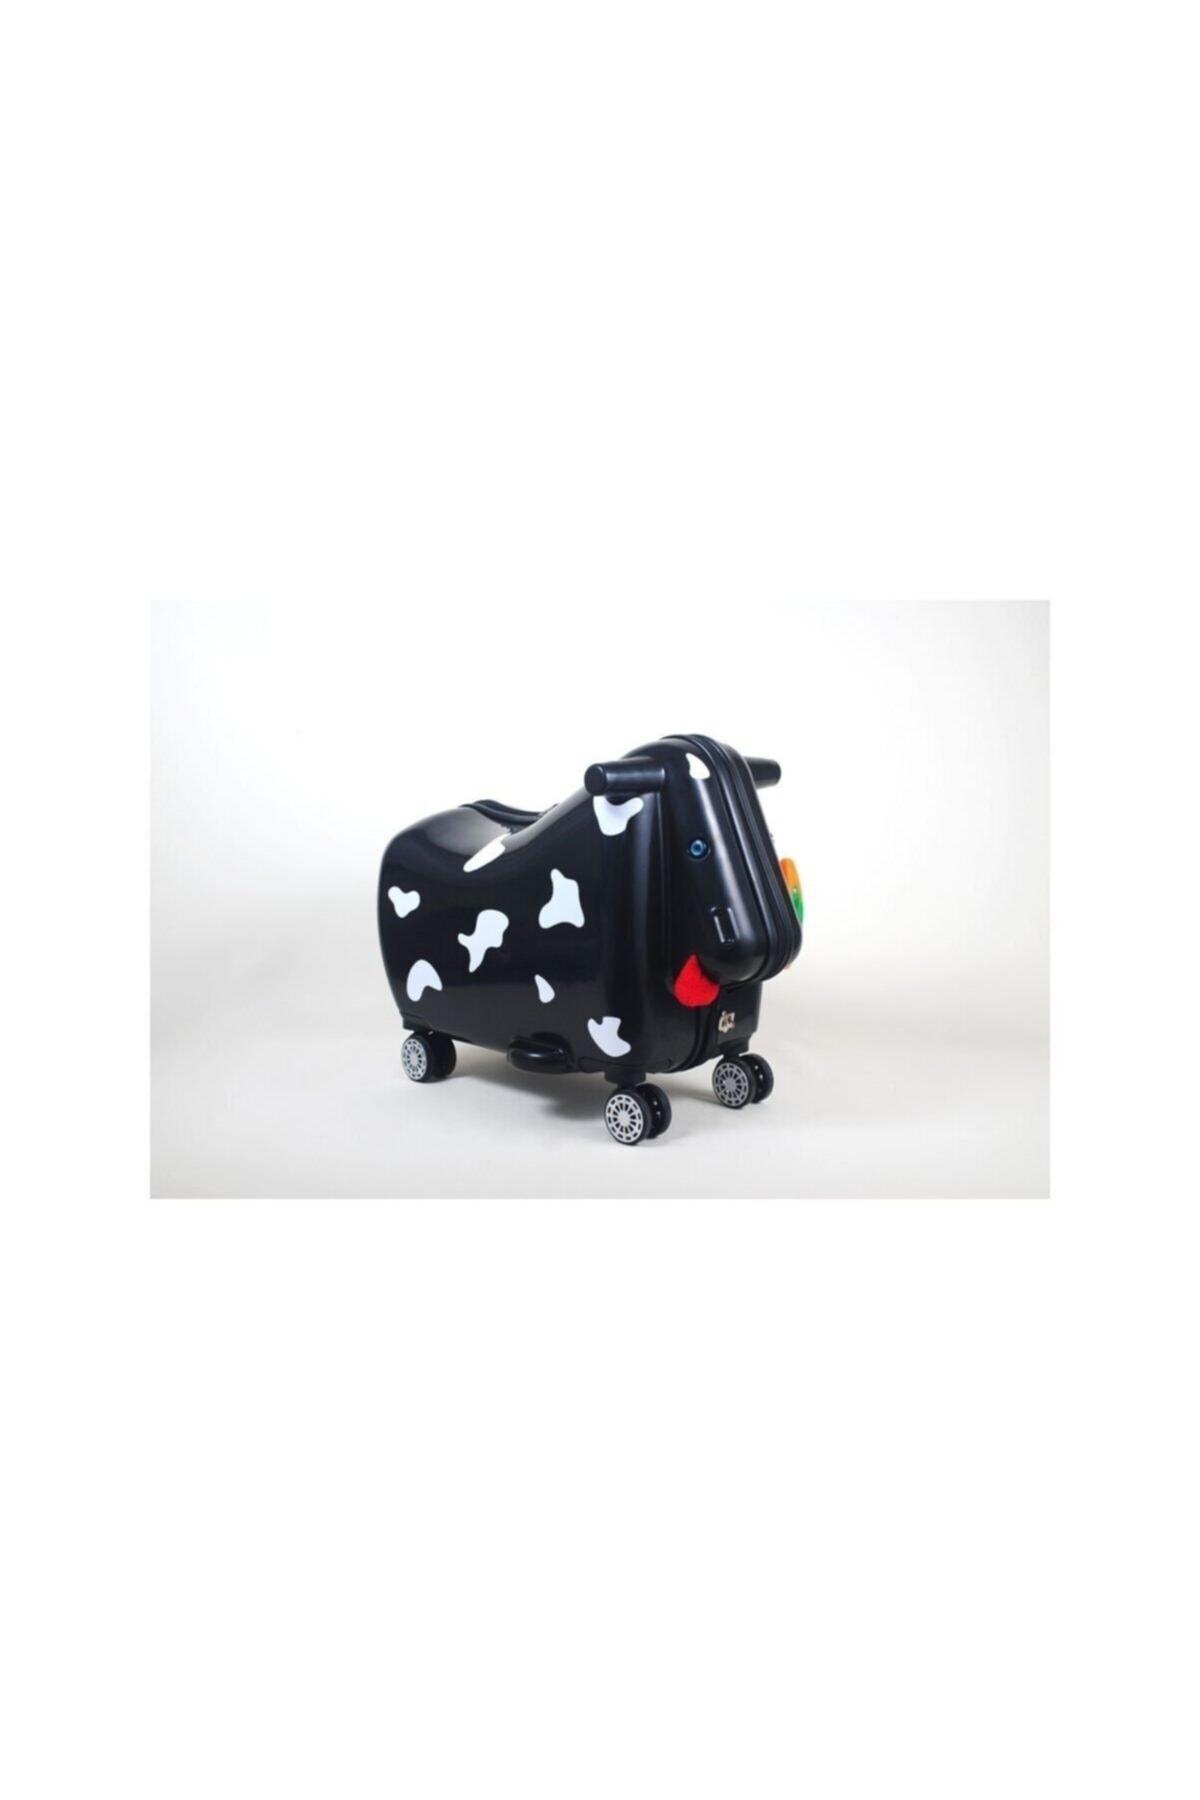 OXKIDS Ox Moo Çocuk Valizi - Siyah 1